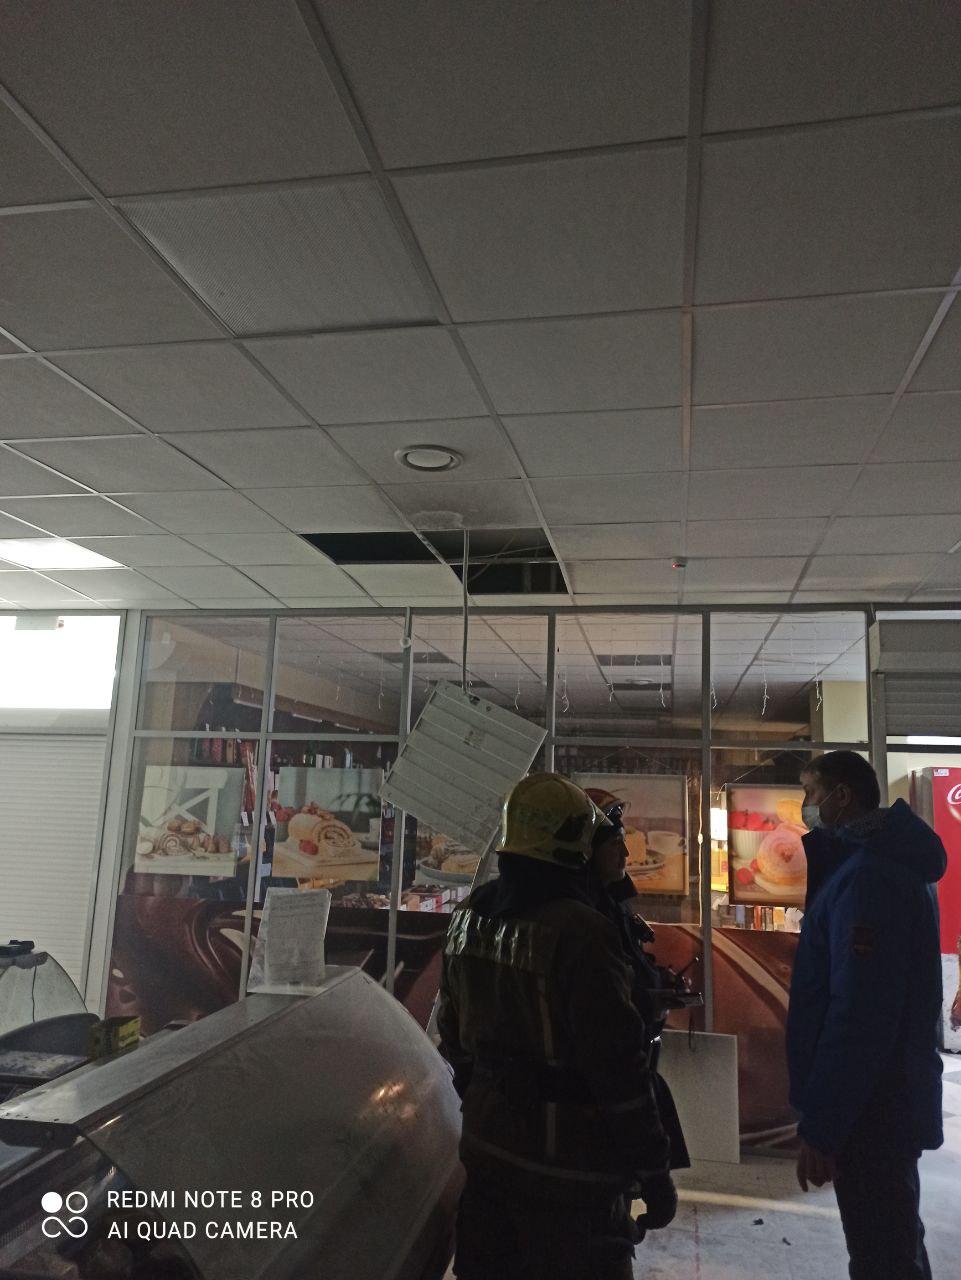 Людей эвакуировали из здания, никто не пострадал